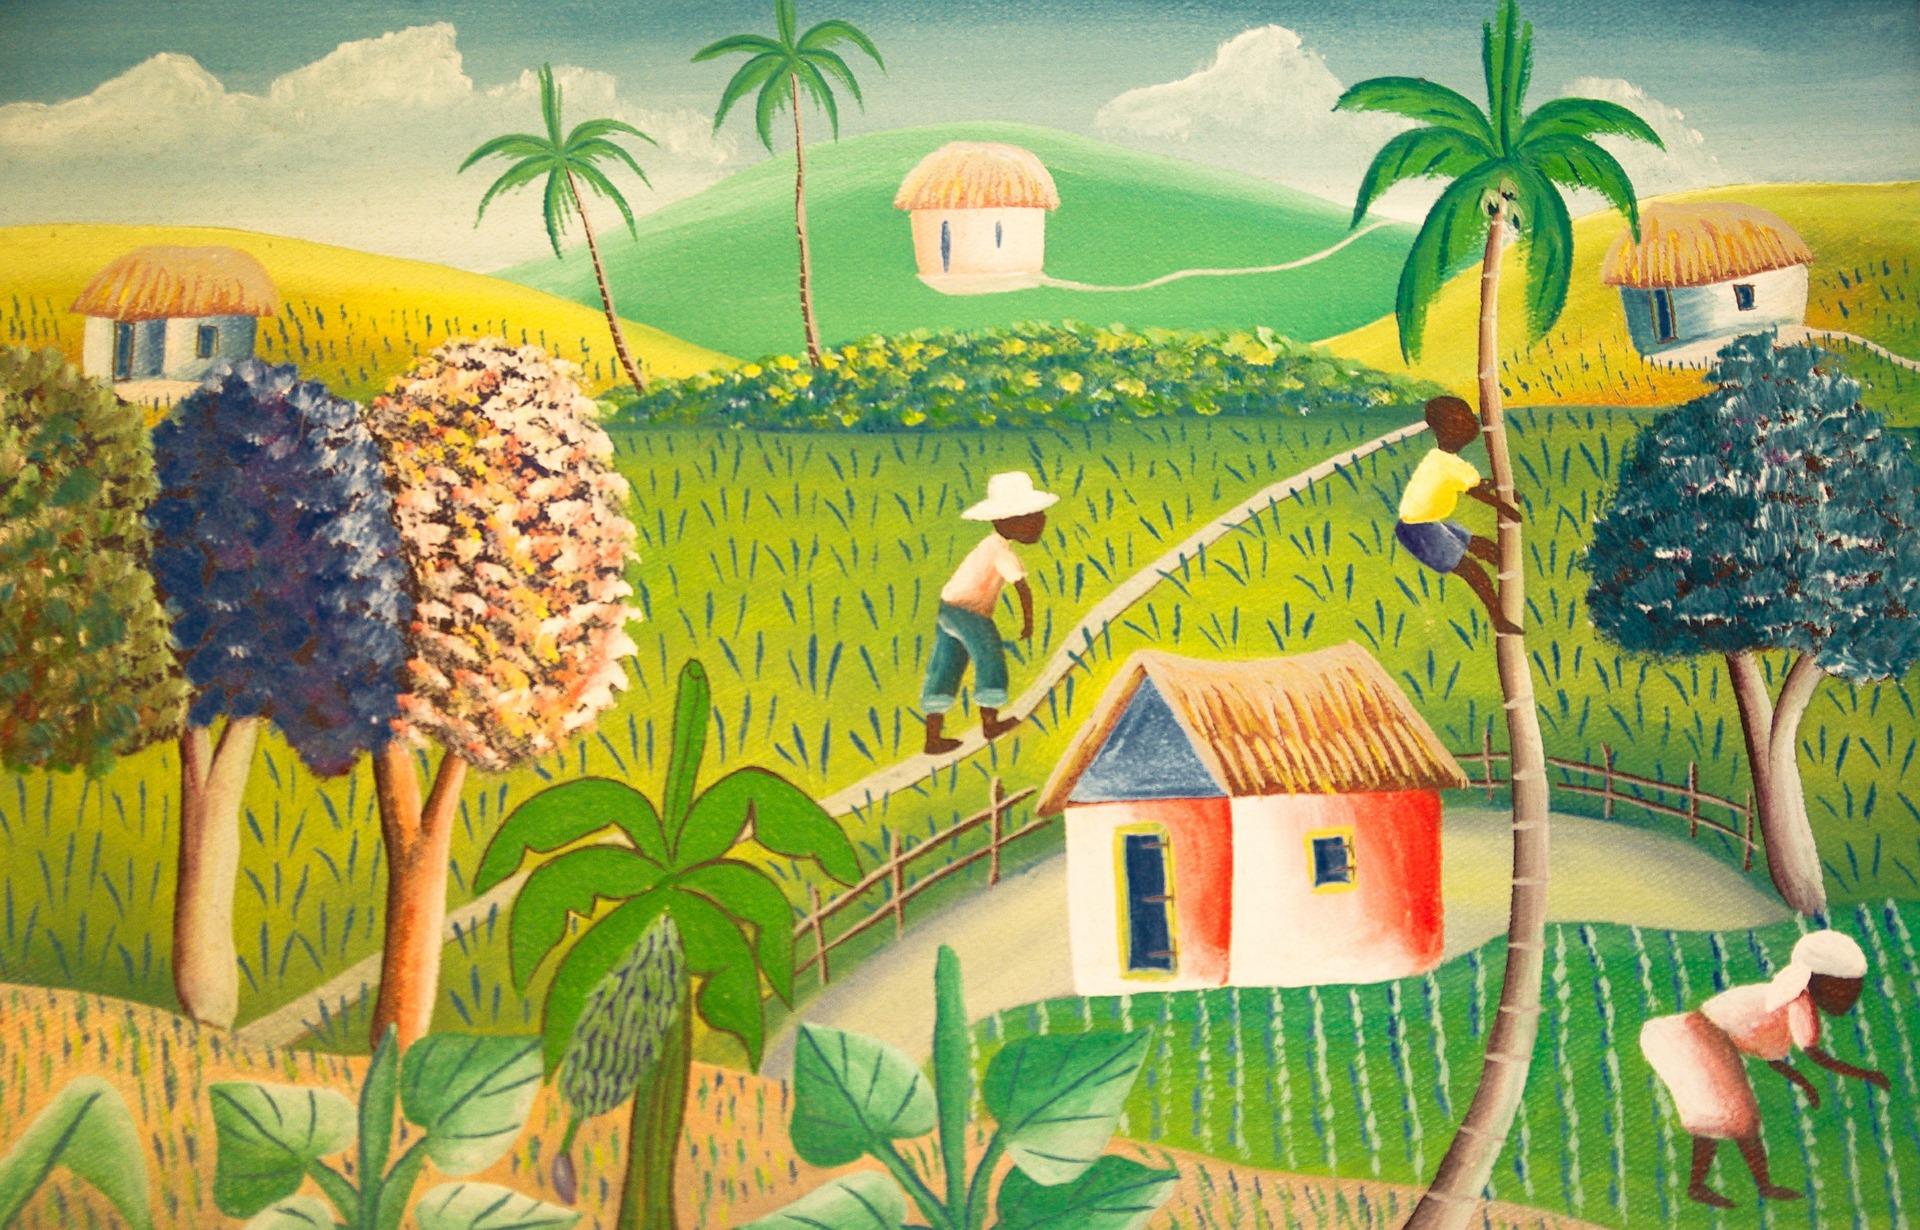 haiti-597533_1920.jpg